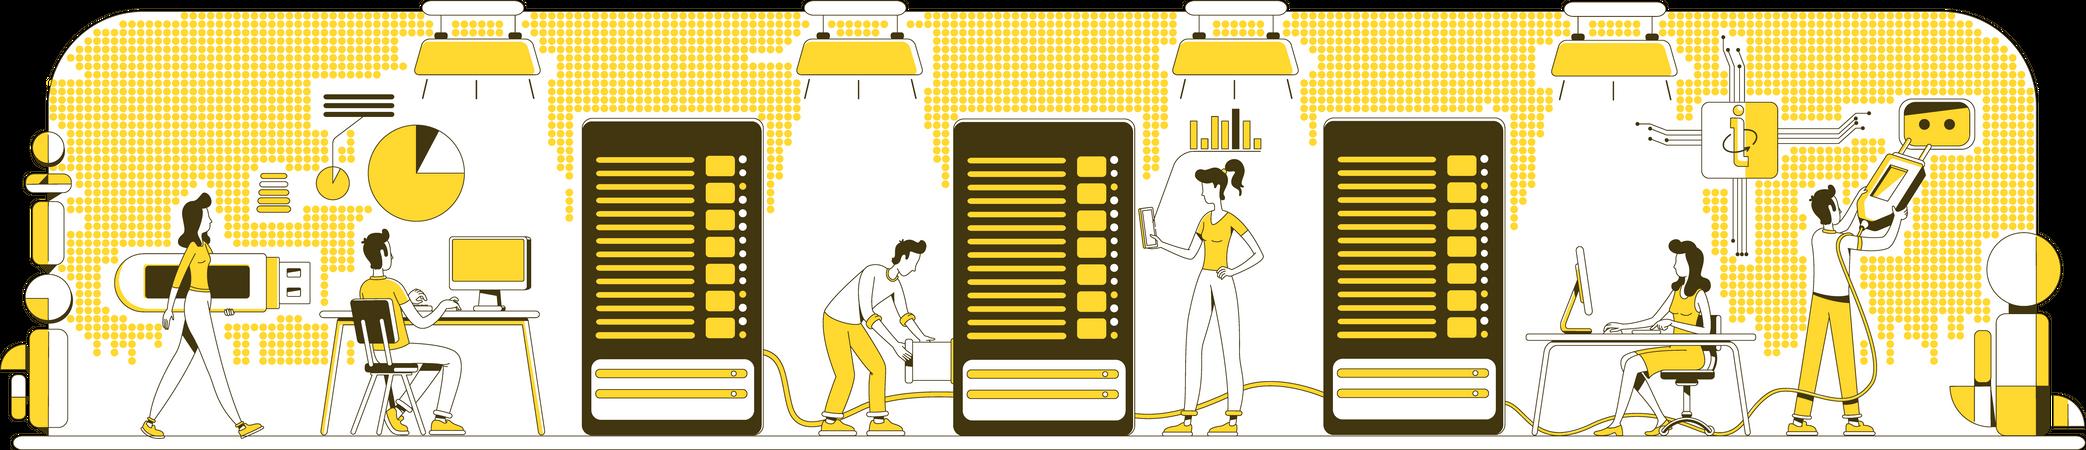 Enterprise storage system Illustration